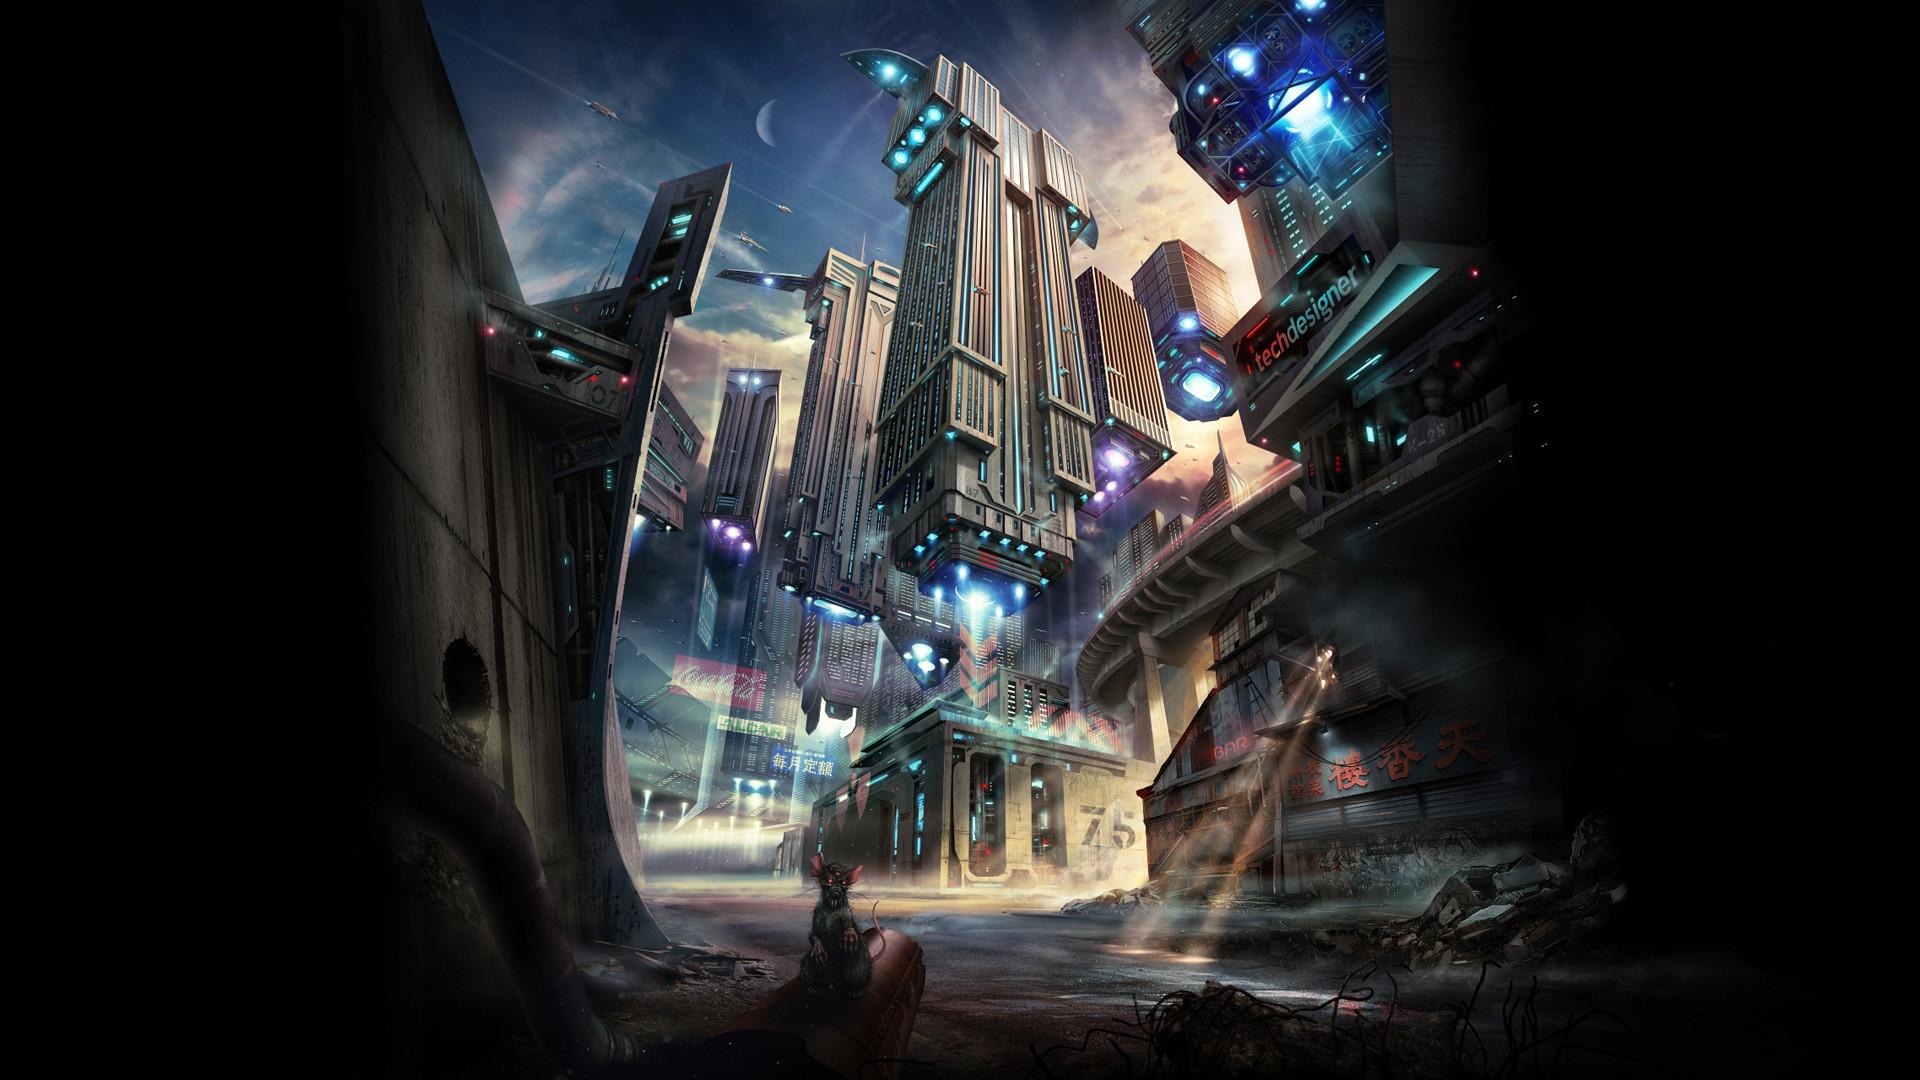 Futuristic City Wallpaper 38